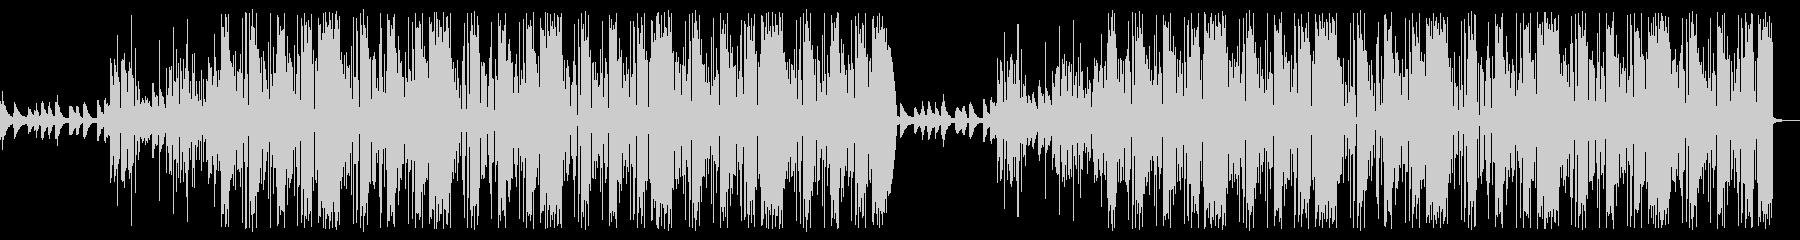 さすらいの一匹狼トラップビート曲の未再生の波形